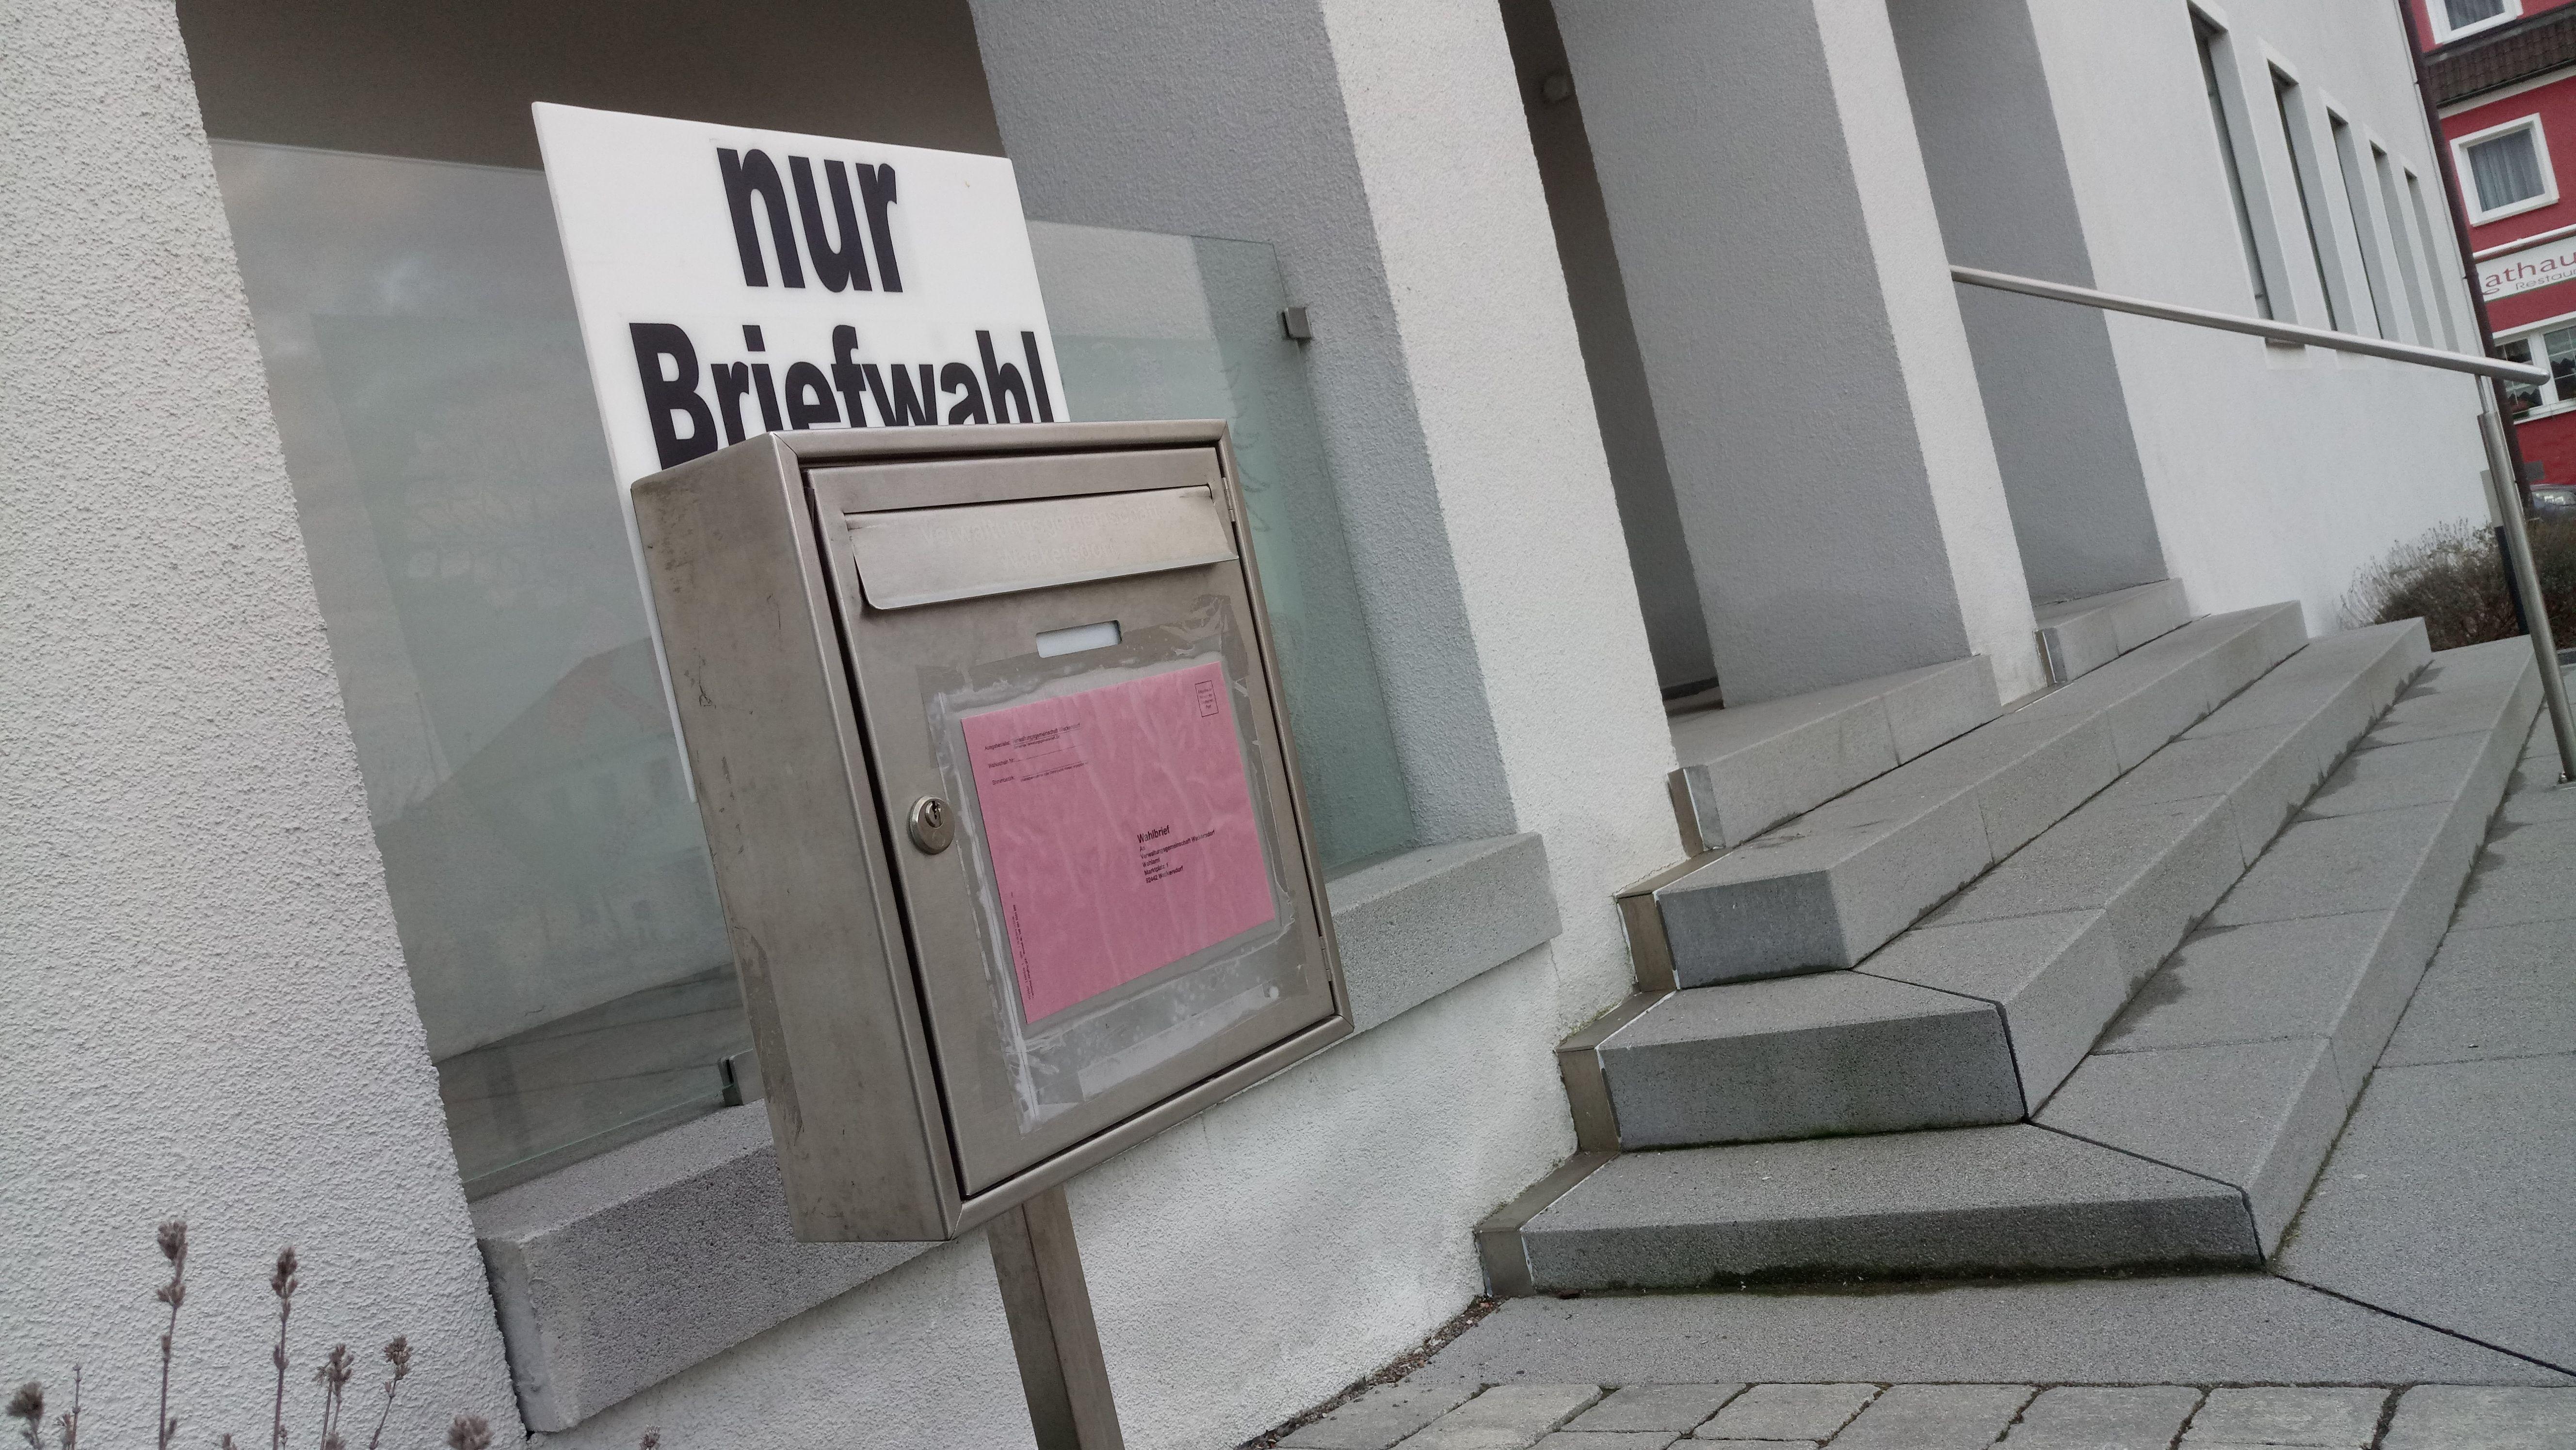 Ein eigener Briefkasten für Briefwahl.